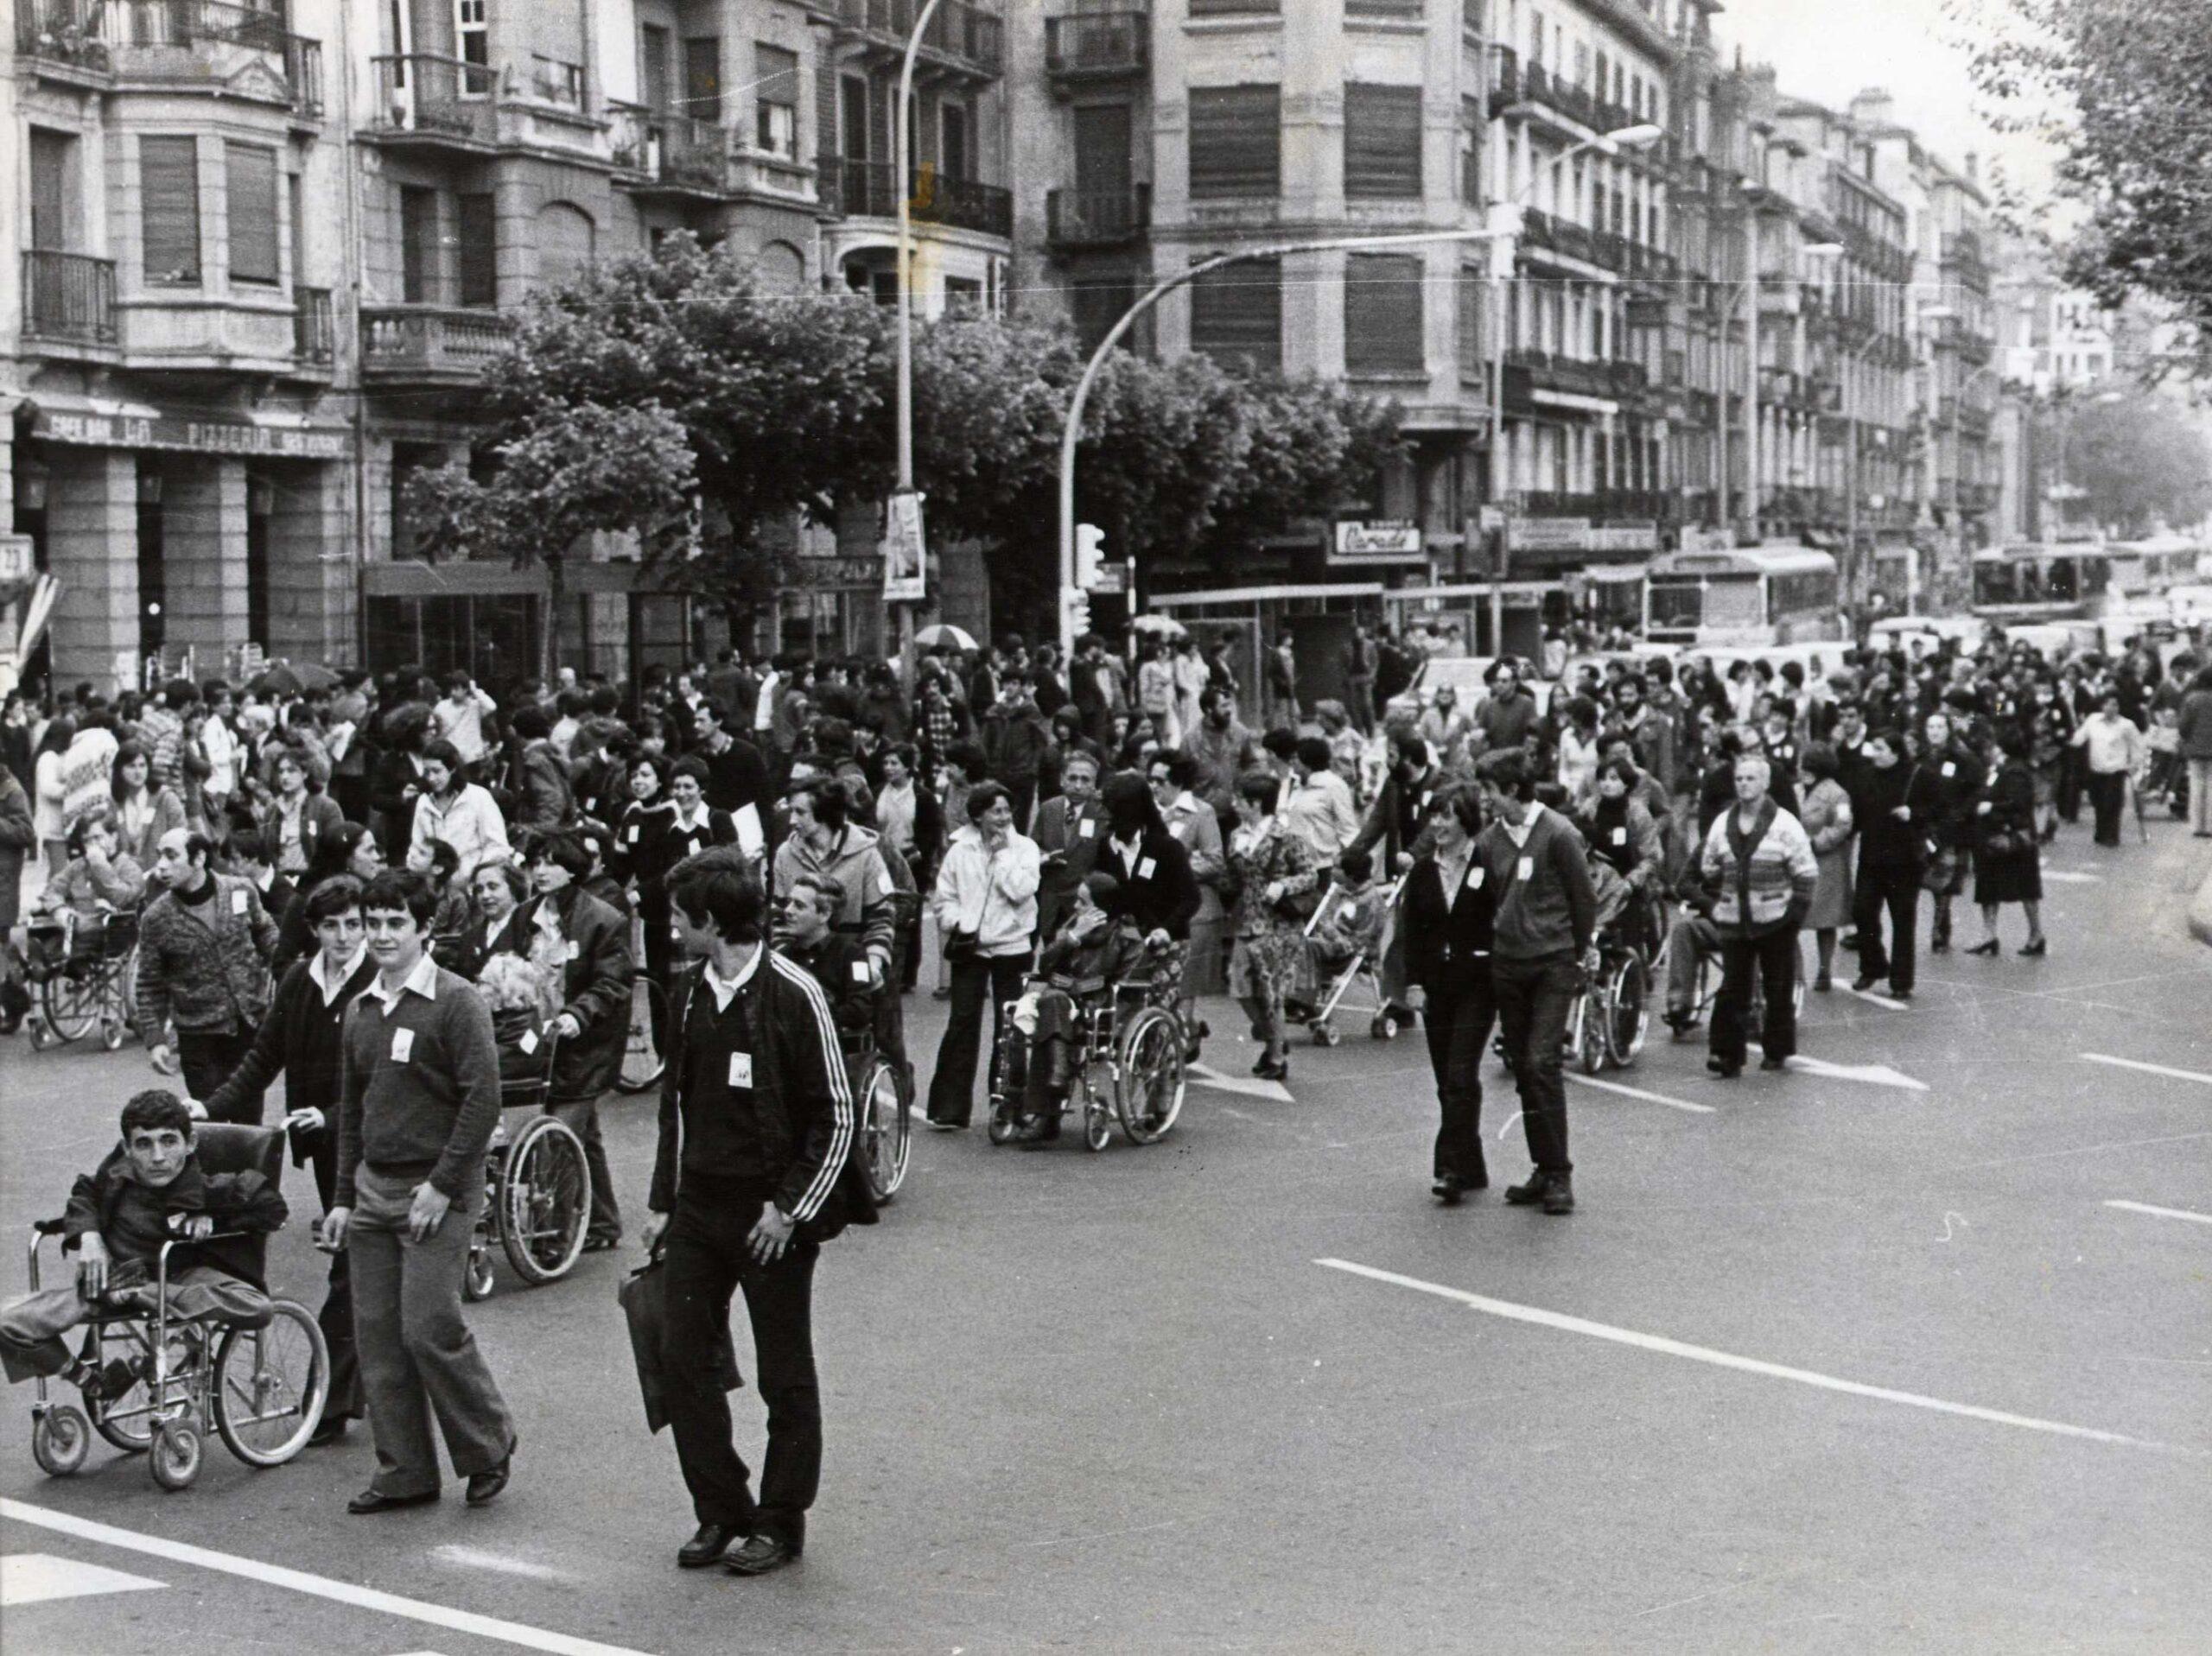 Manifestación el 21 de mayo de 1978 en Donostia donde se reivindicaba la escolarización total y gratutita para todos y la integración laboral de las personas con discapacidad. Foto: Elkartu